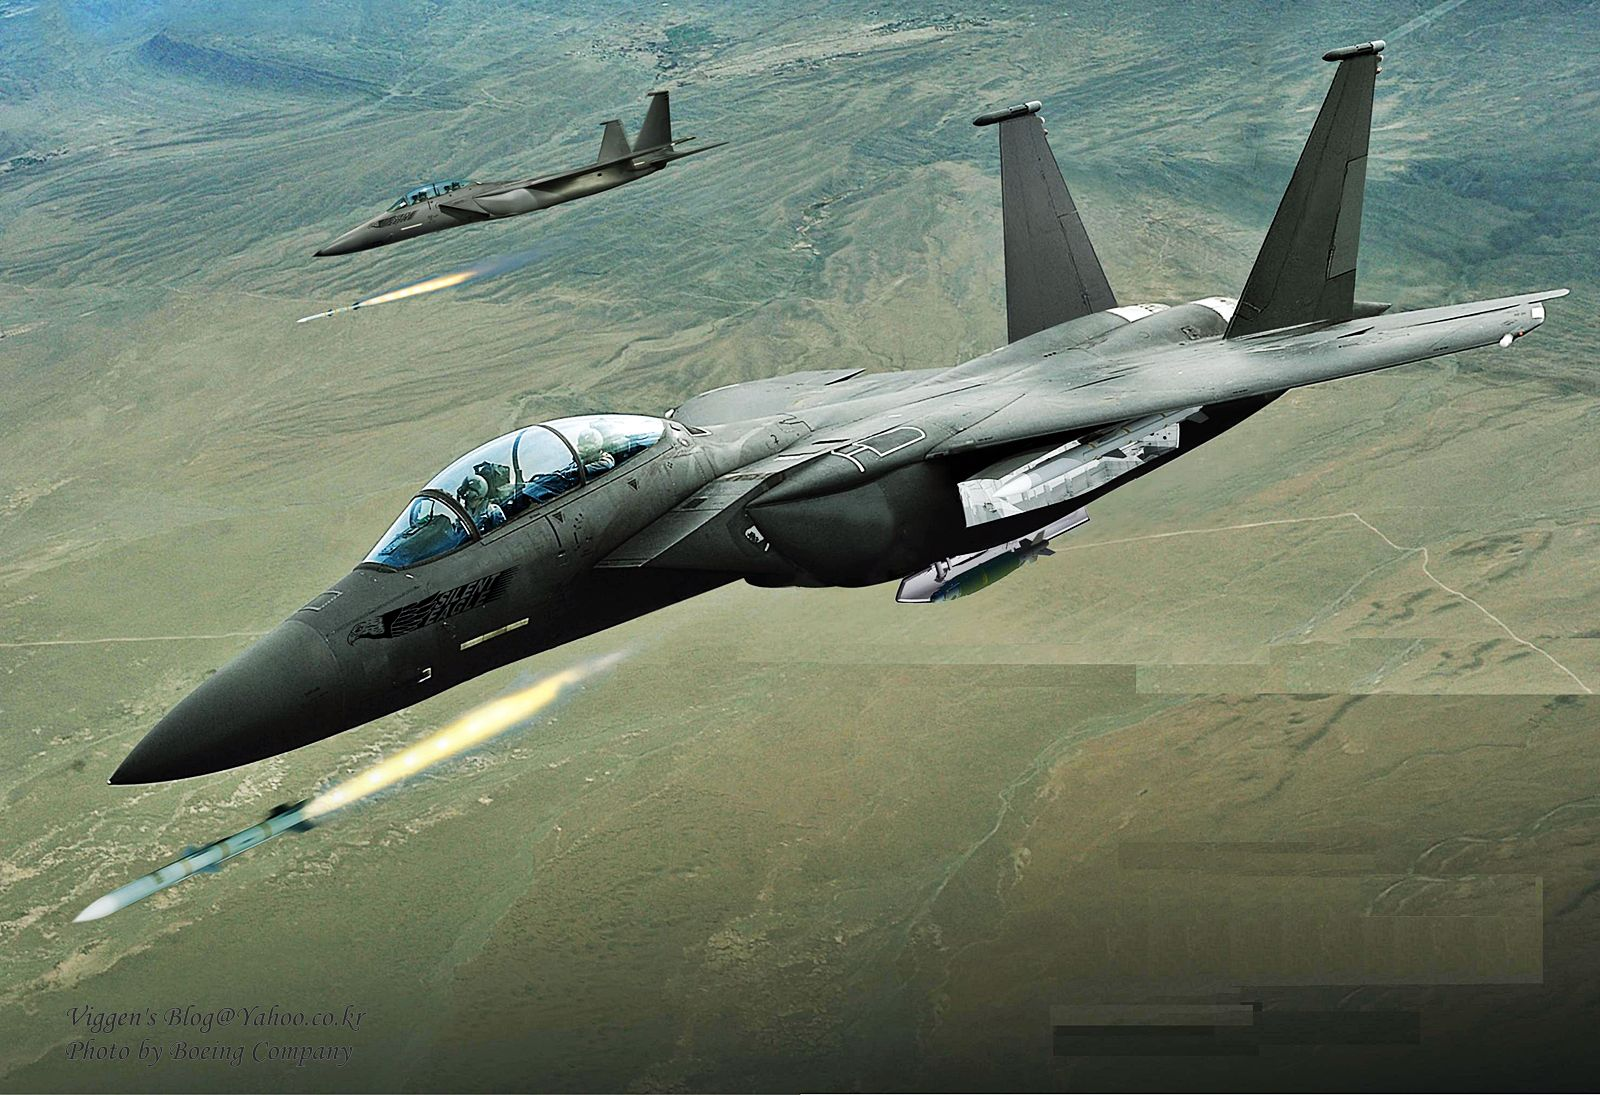 البنتاغون: قطر تشتري 36 مقاتلة إف 15